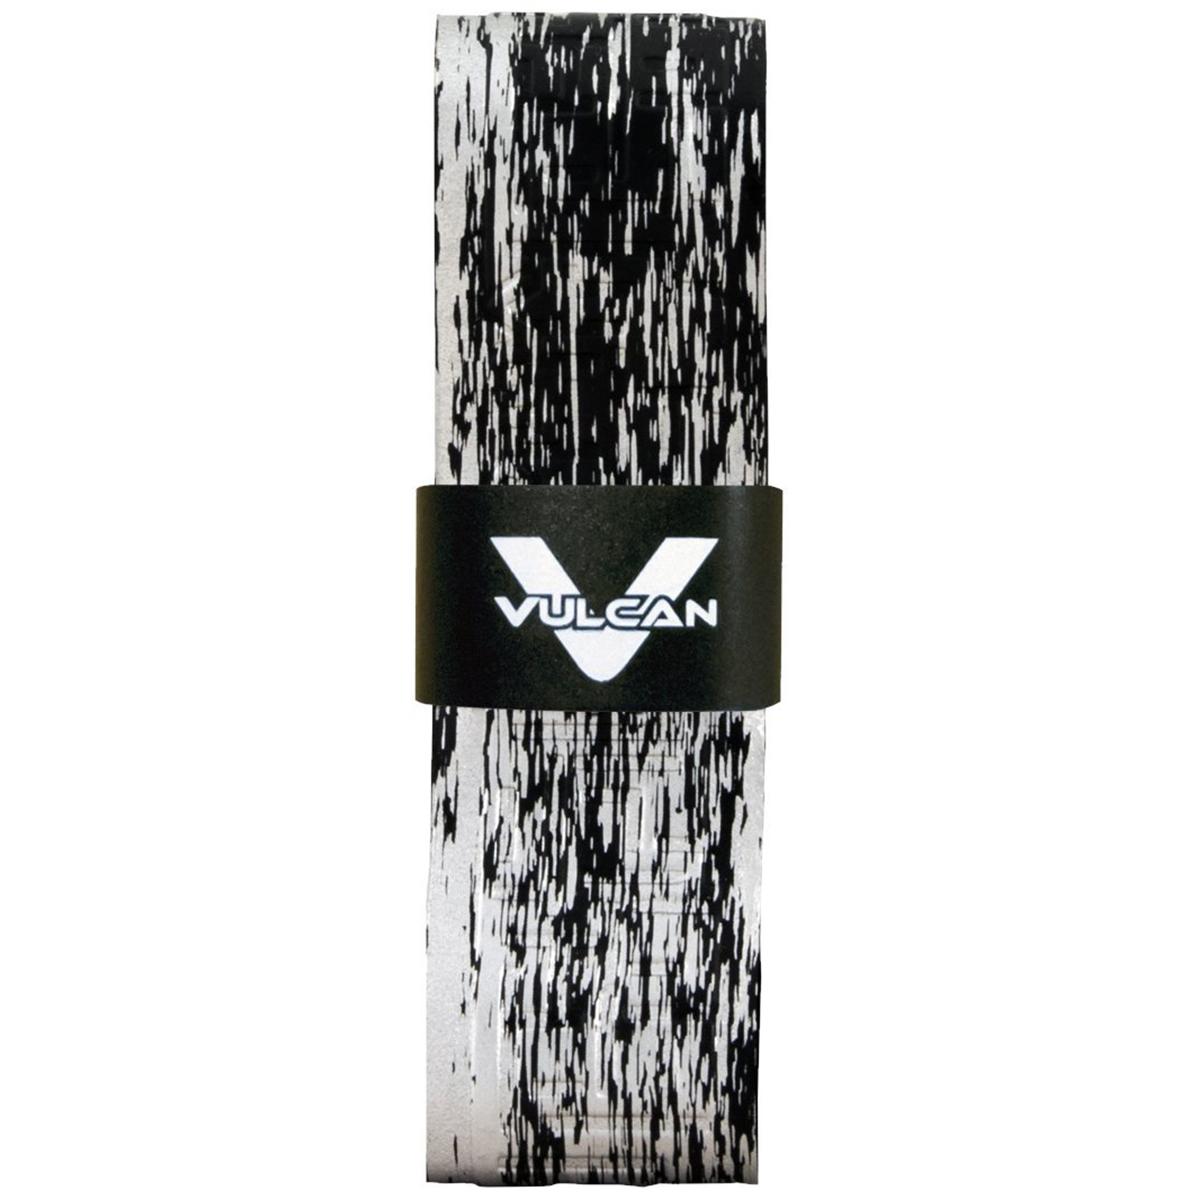 Vulcan Fade Series Ultralight Advanced Polymer Bat Grip Tape Wrap